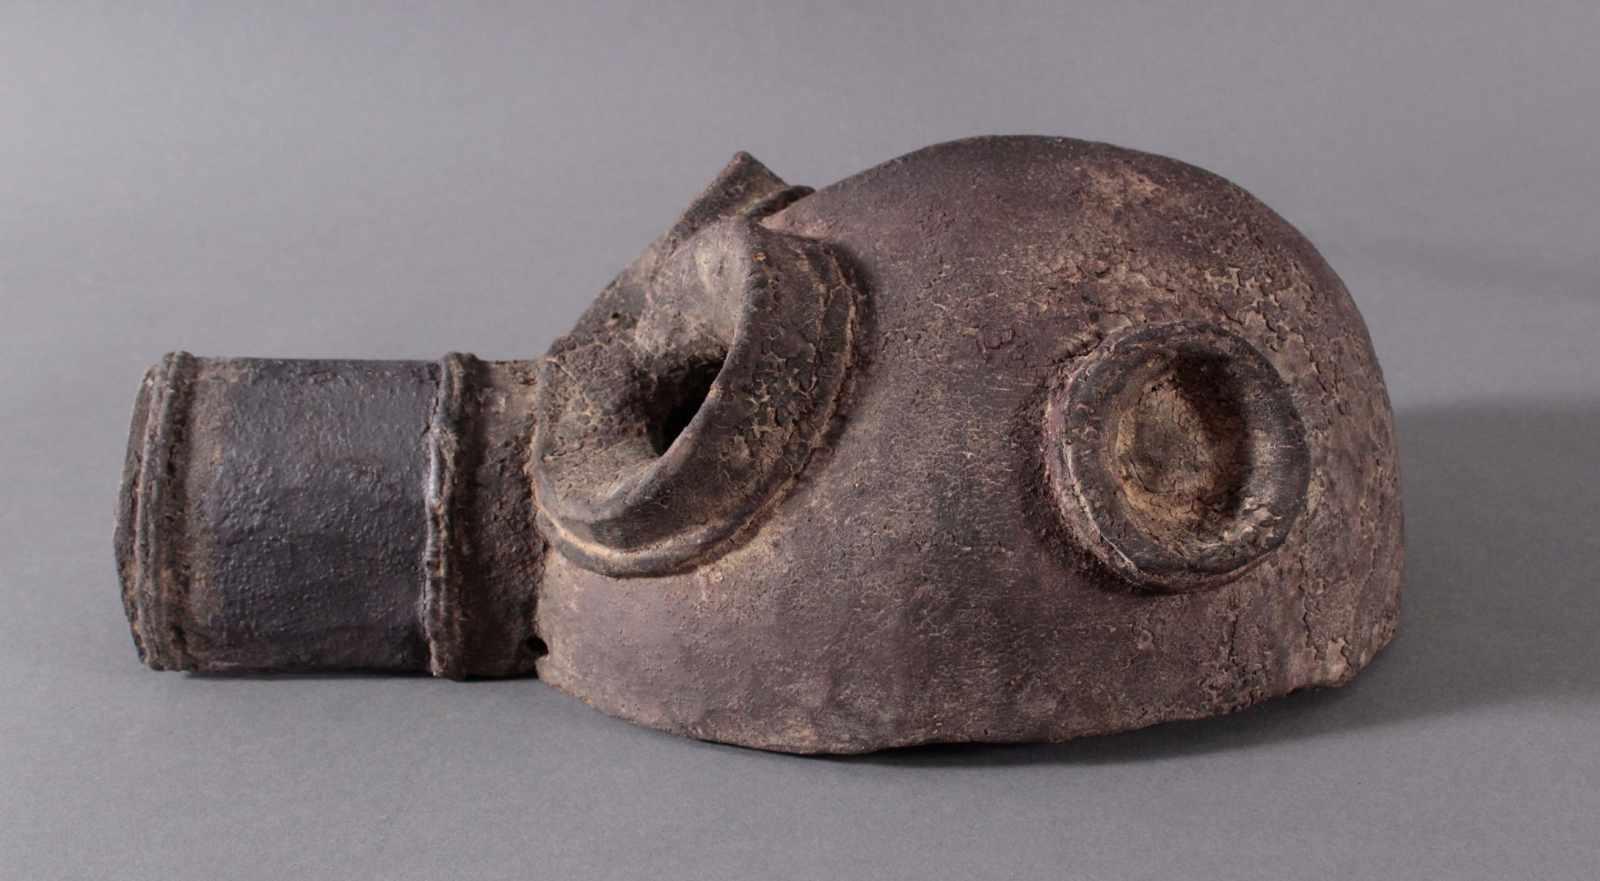 Antike Große Zoomorphe Maske. SeltenAus dem Vollholz geschnitzt, dunkle Patina darüber schwarze - Bild 3 aus 7